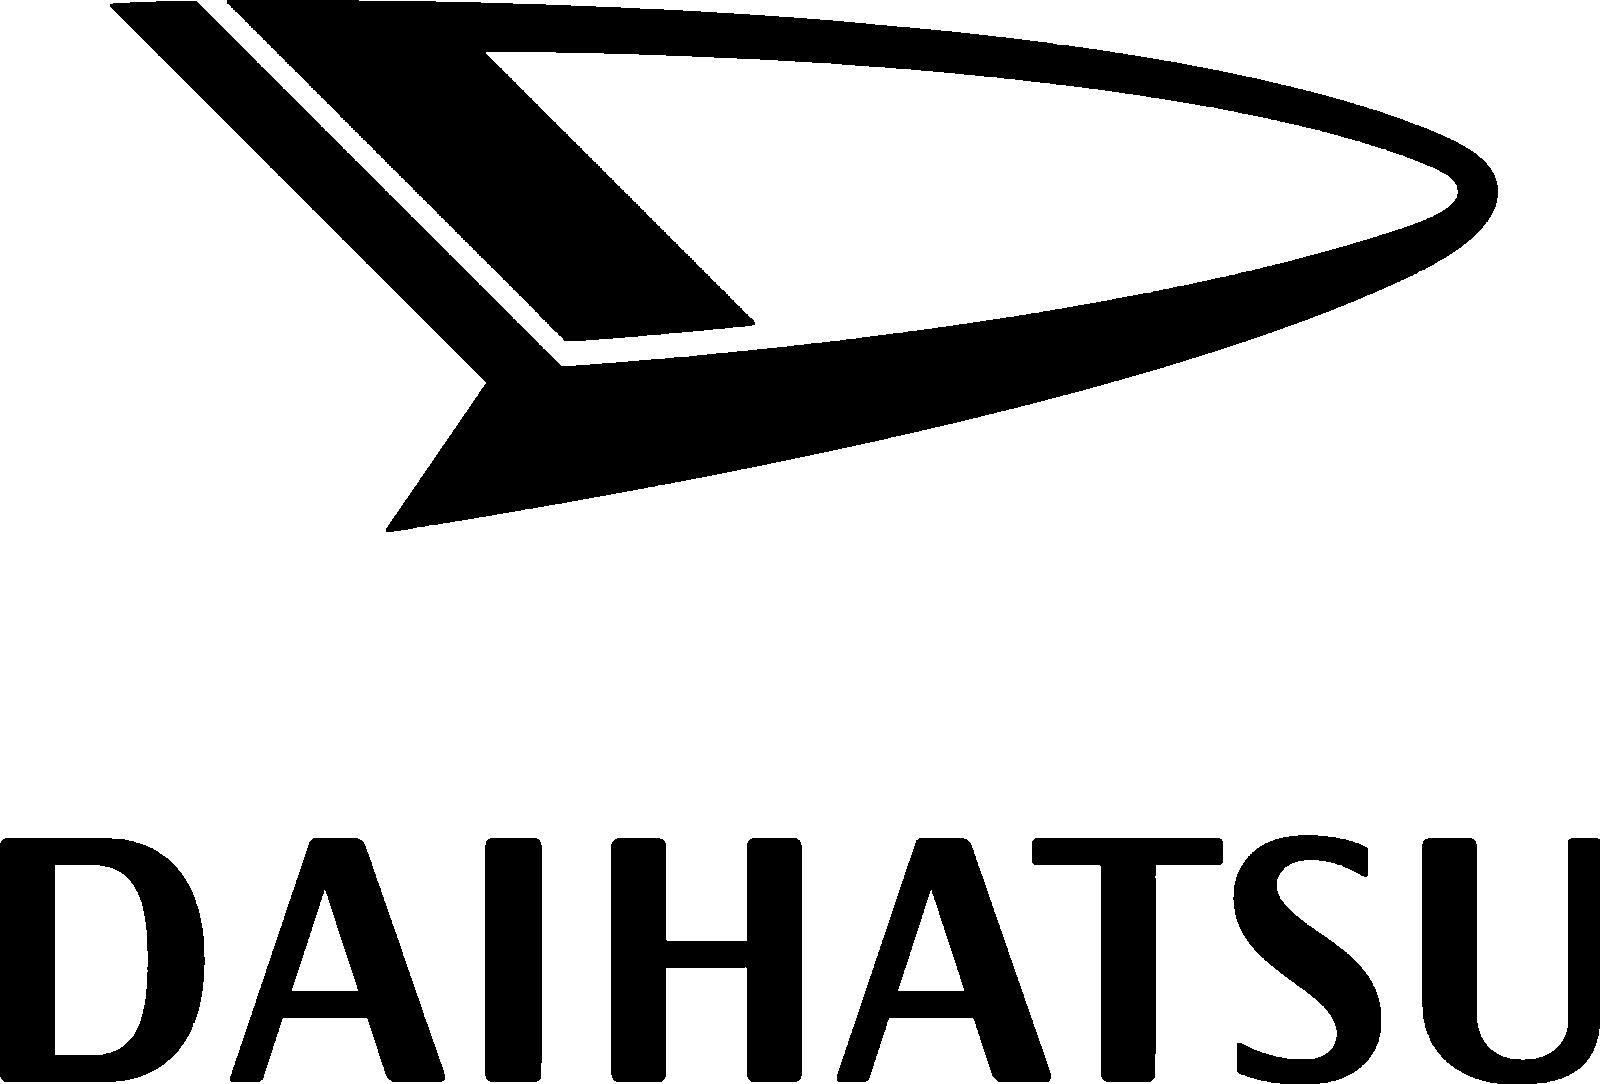 Daihatsu Logo 1977 (black) 1600x1084 HD png